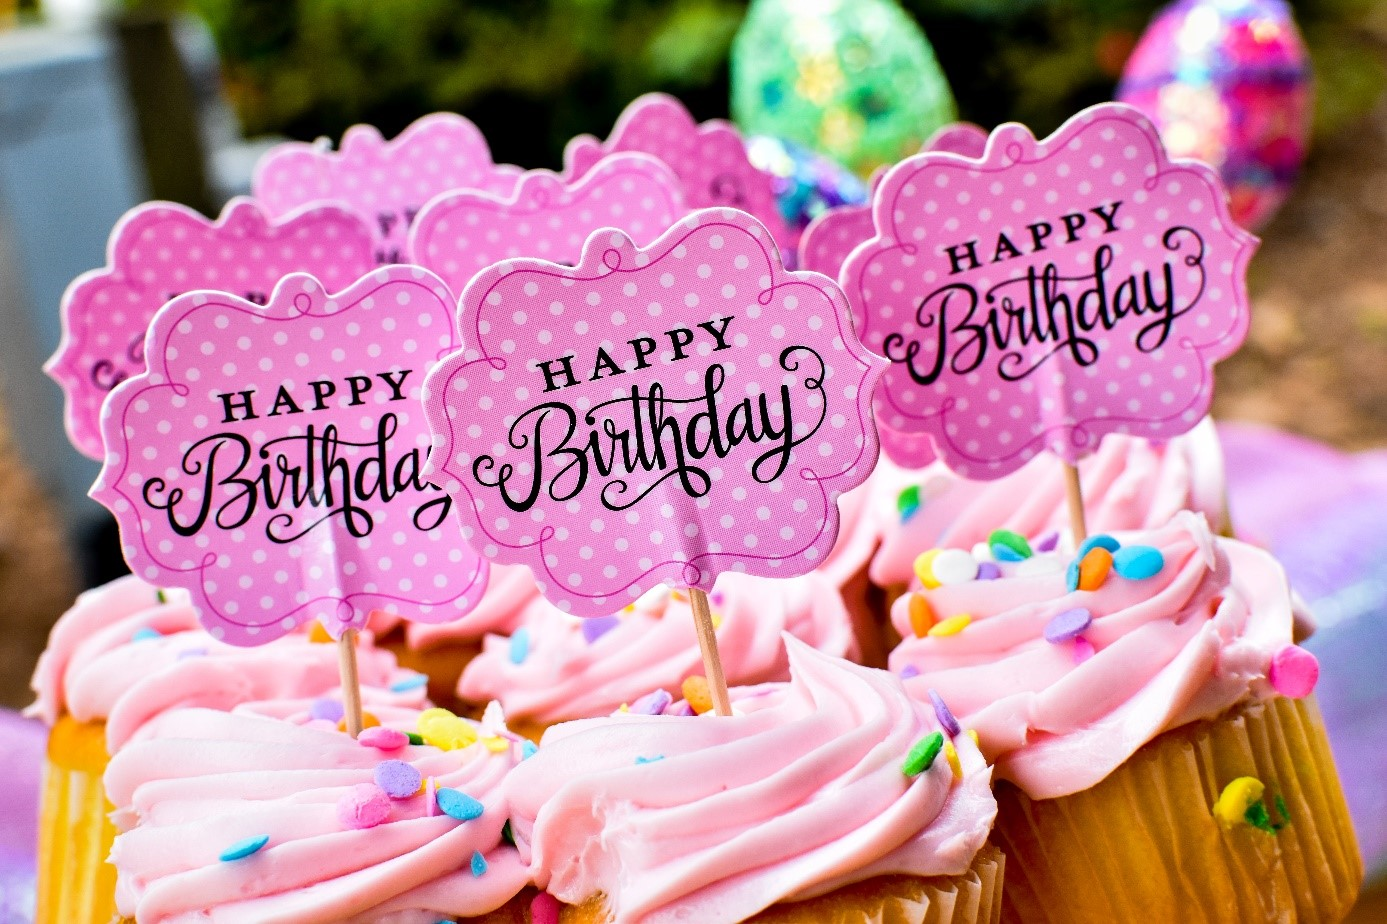 İngilizce Doğum Günü Mesajları ve Anlamları